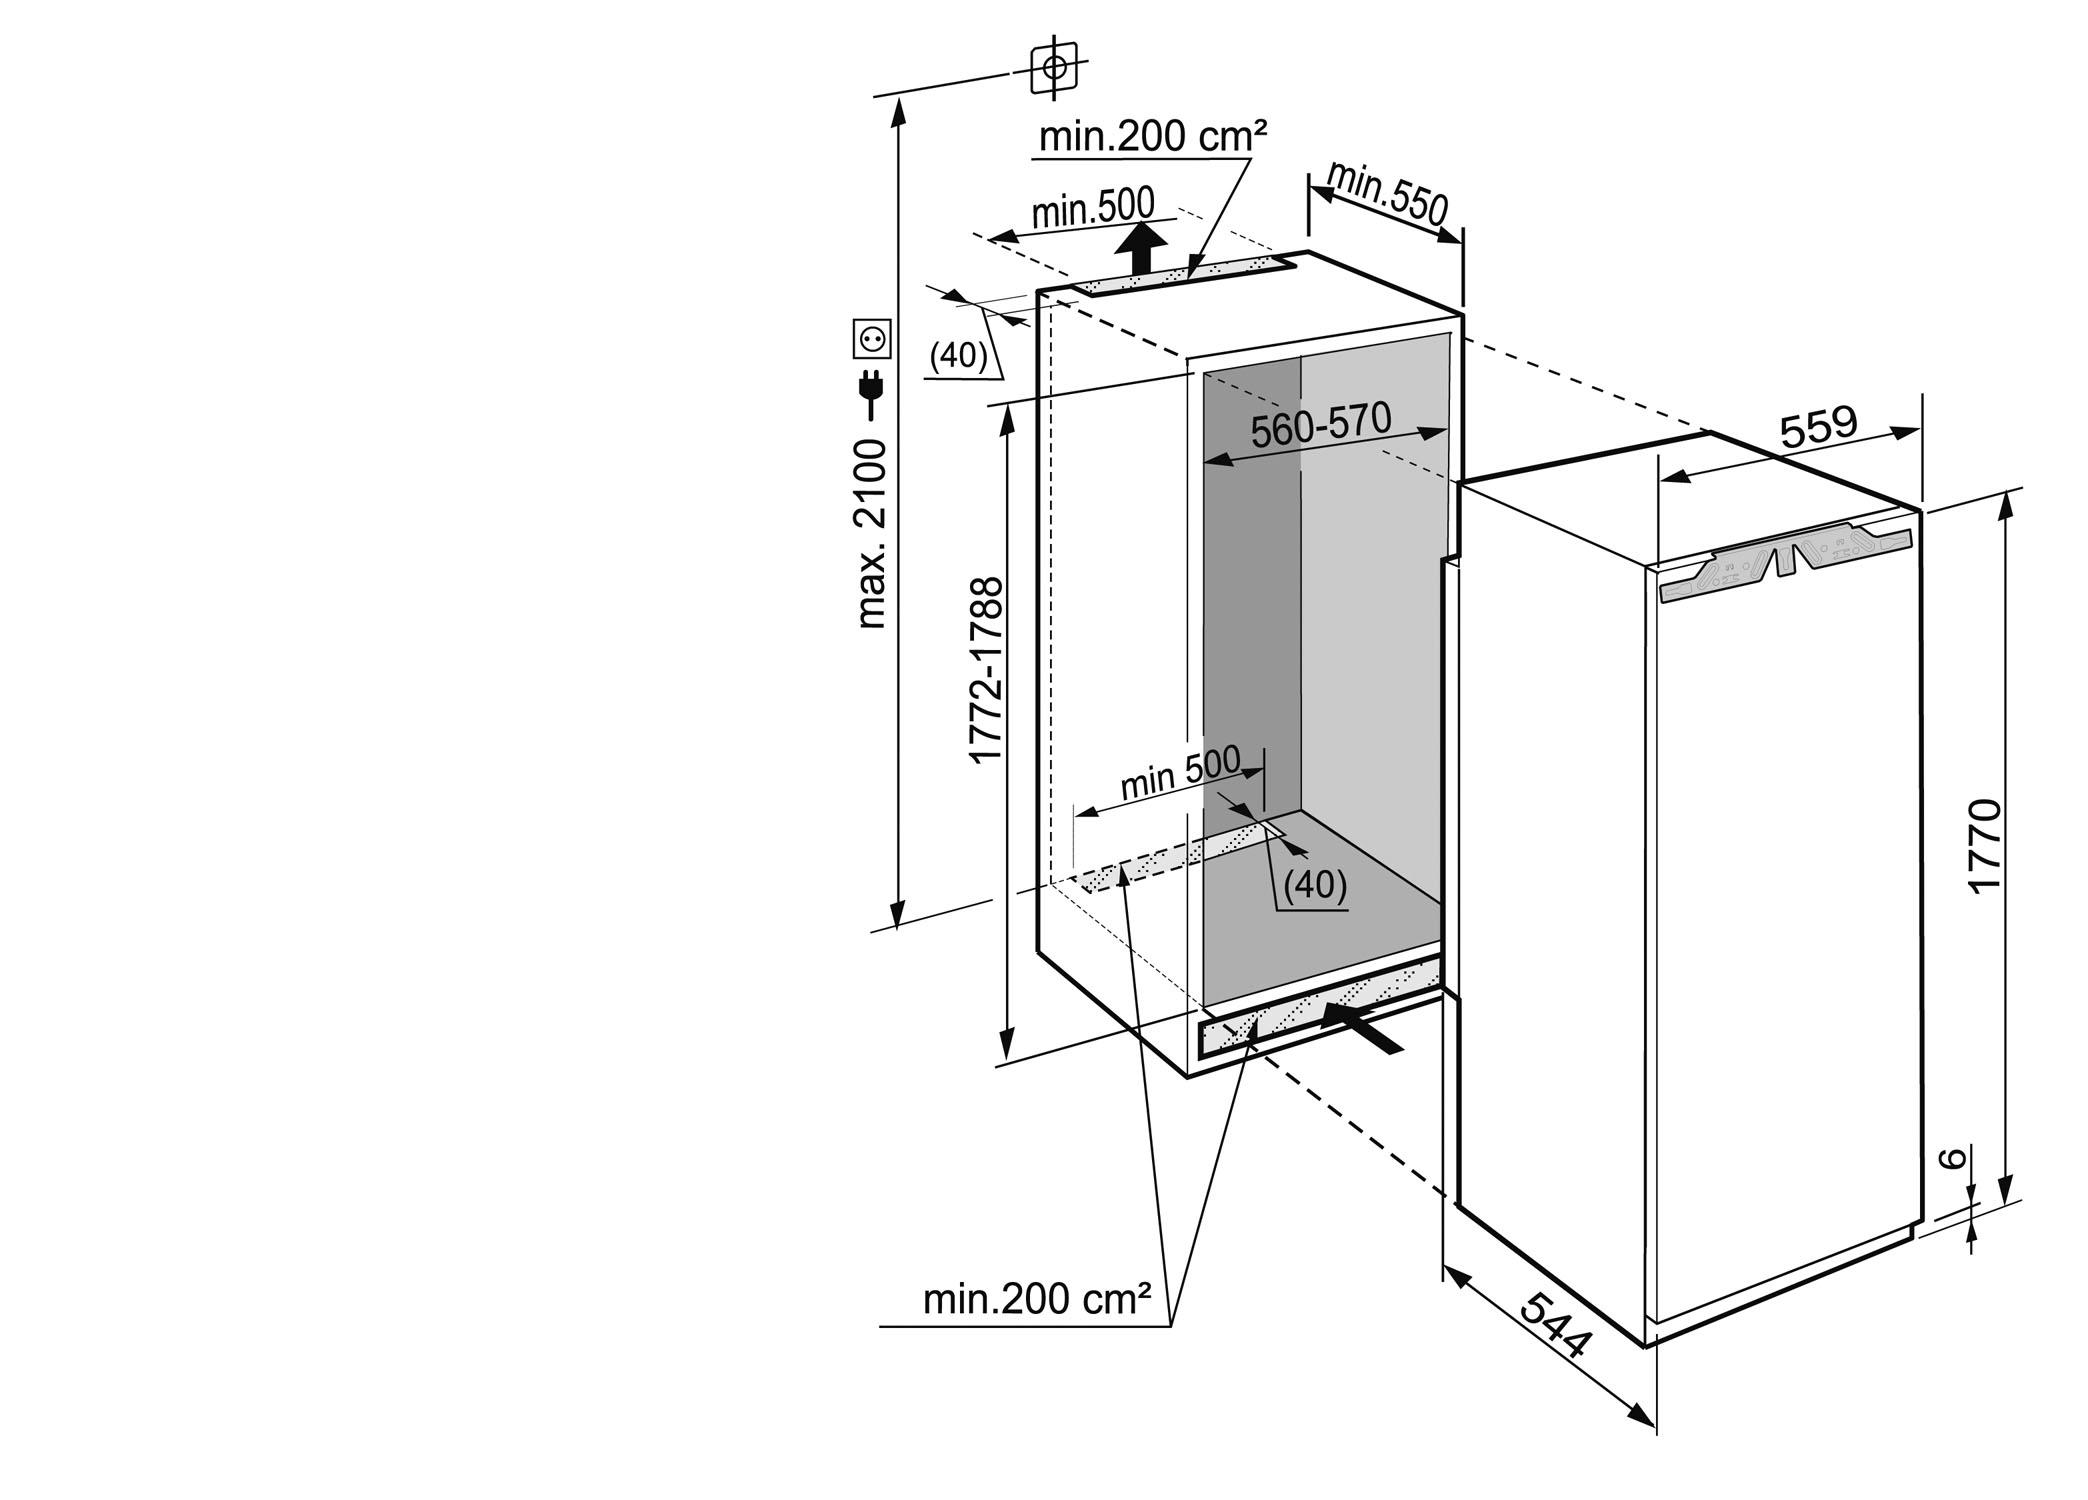 R frig rateur liebherr ik3510 pas cher for Refrigerateur sous plan pas cher